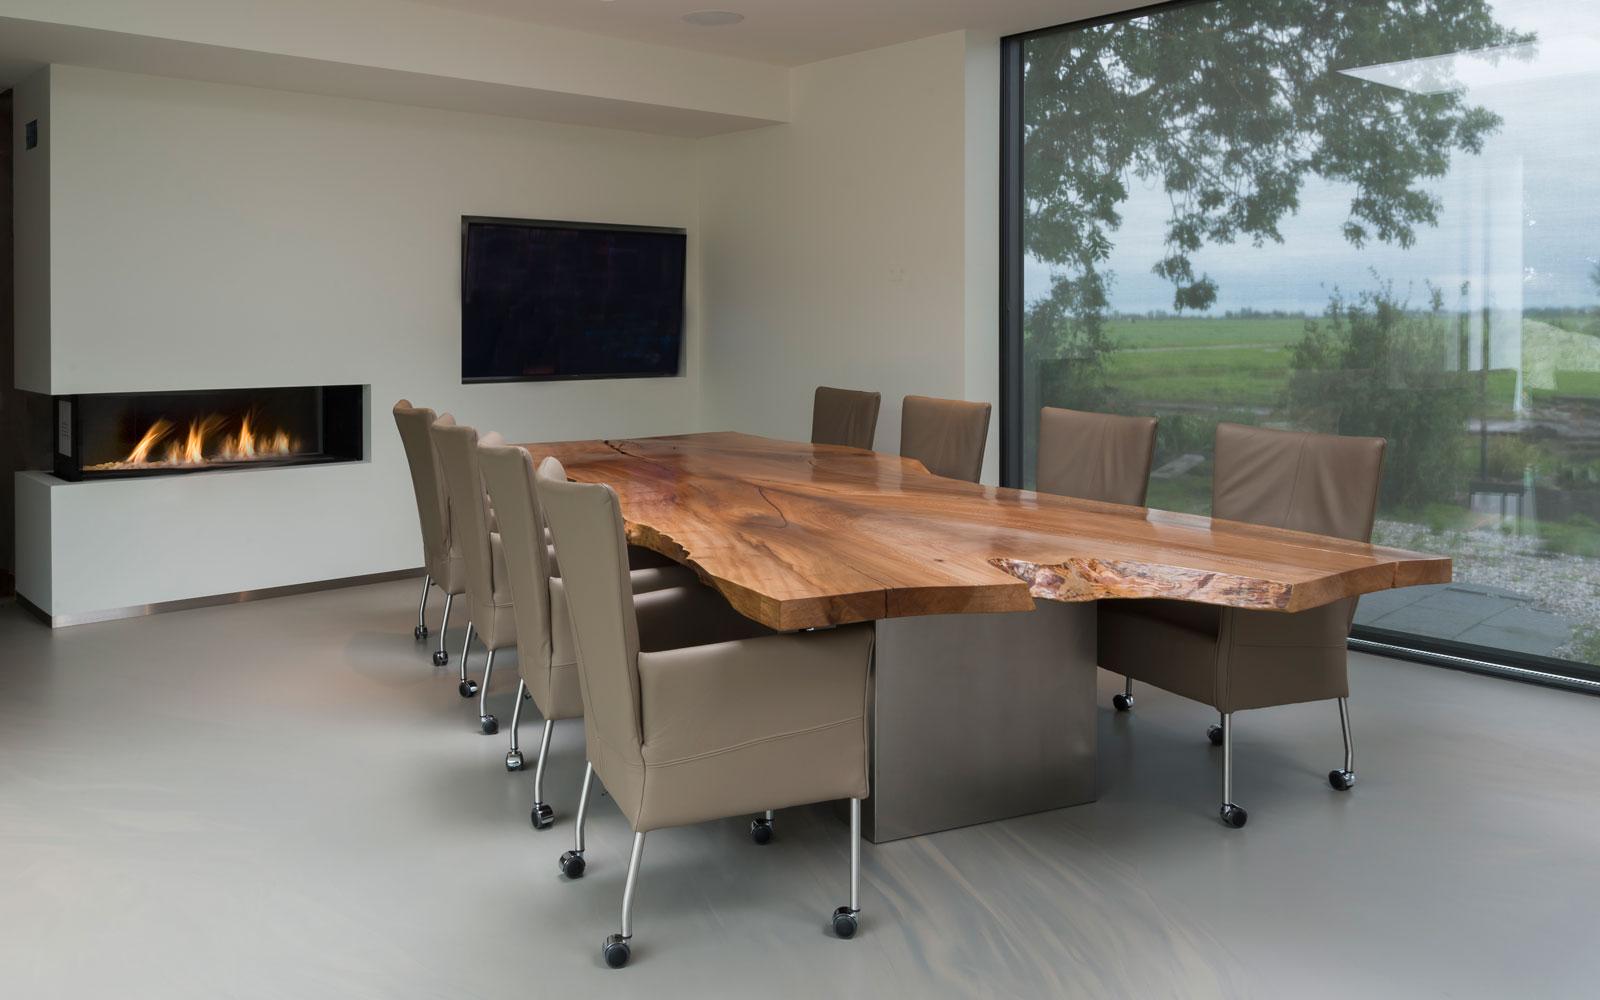 Woonkamer, keuken, eettafel, boomstamblad, open haard, televisie, grote ramen, moderne uitbouw, Lautenbag Architectuur